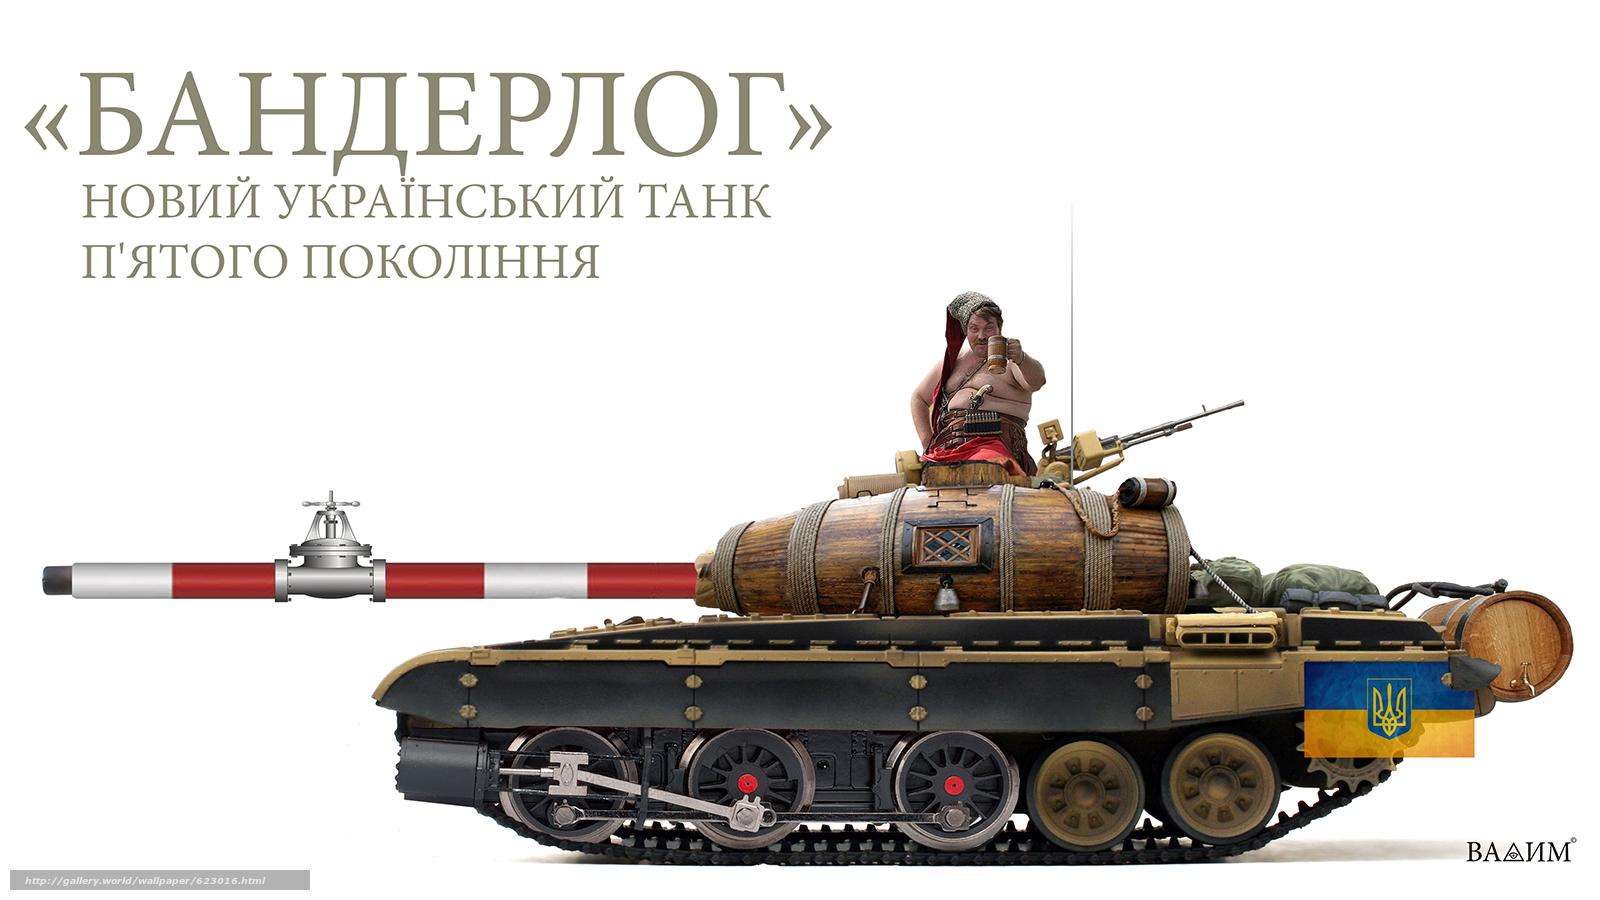 Скачать на телефон обои фото картинку на тему танк, Украина, техника, ввп, ВСУ, разширение 1600x900